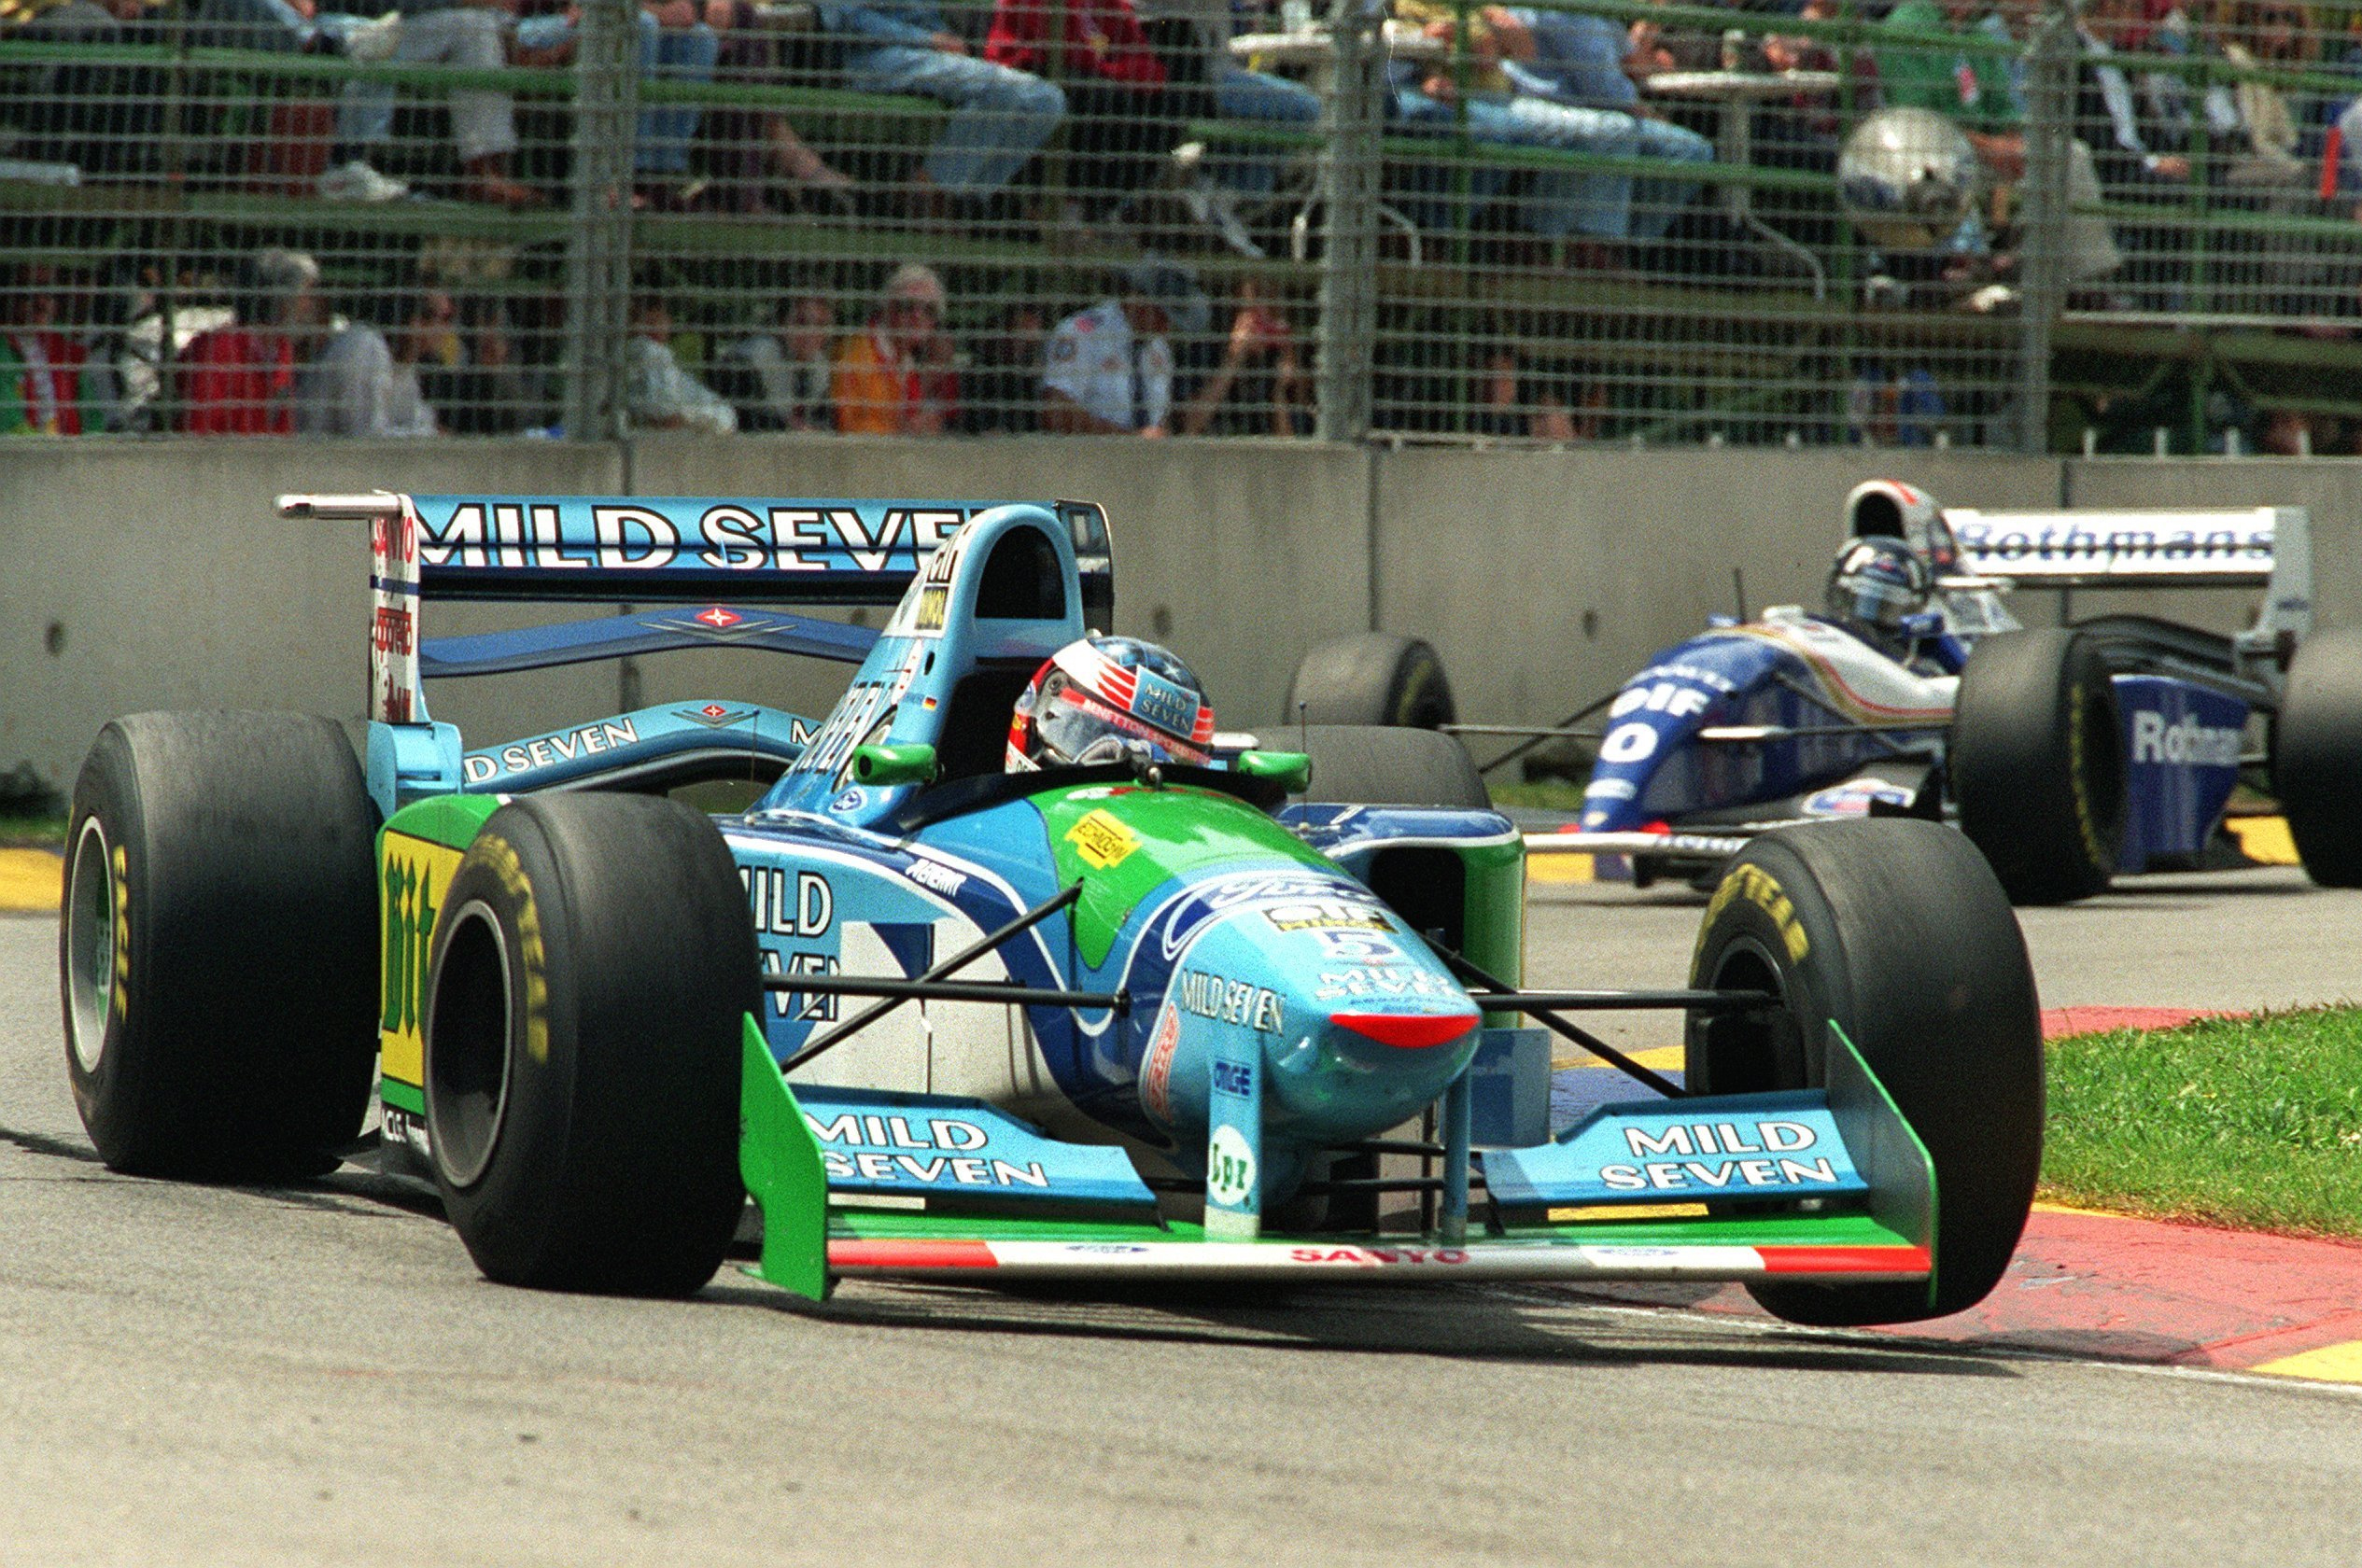 Михаэль Шумахер и Дэймон Хилл в финальном Гран-при 1994 года